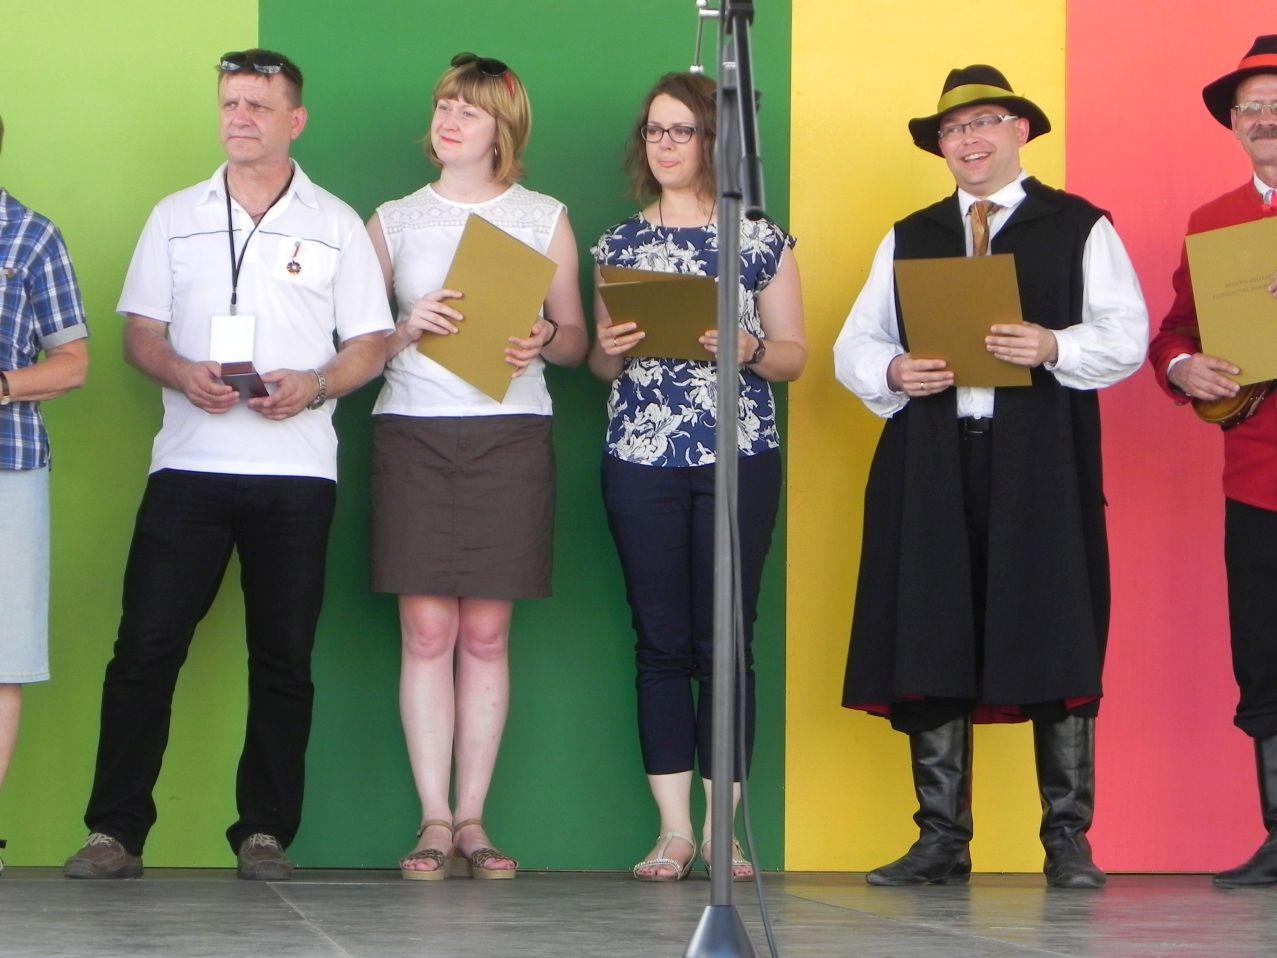 2016-06-26 Kazimierz Dolny - festiwal (154)